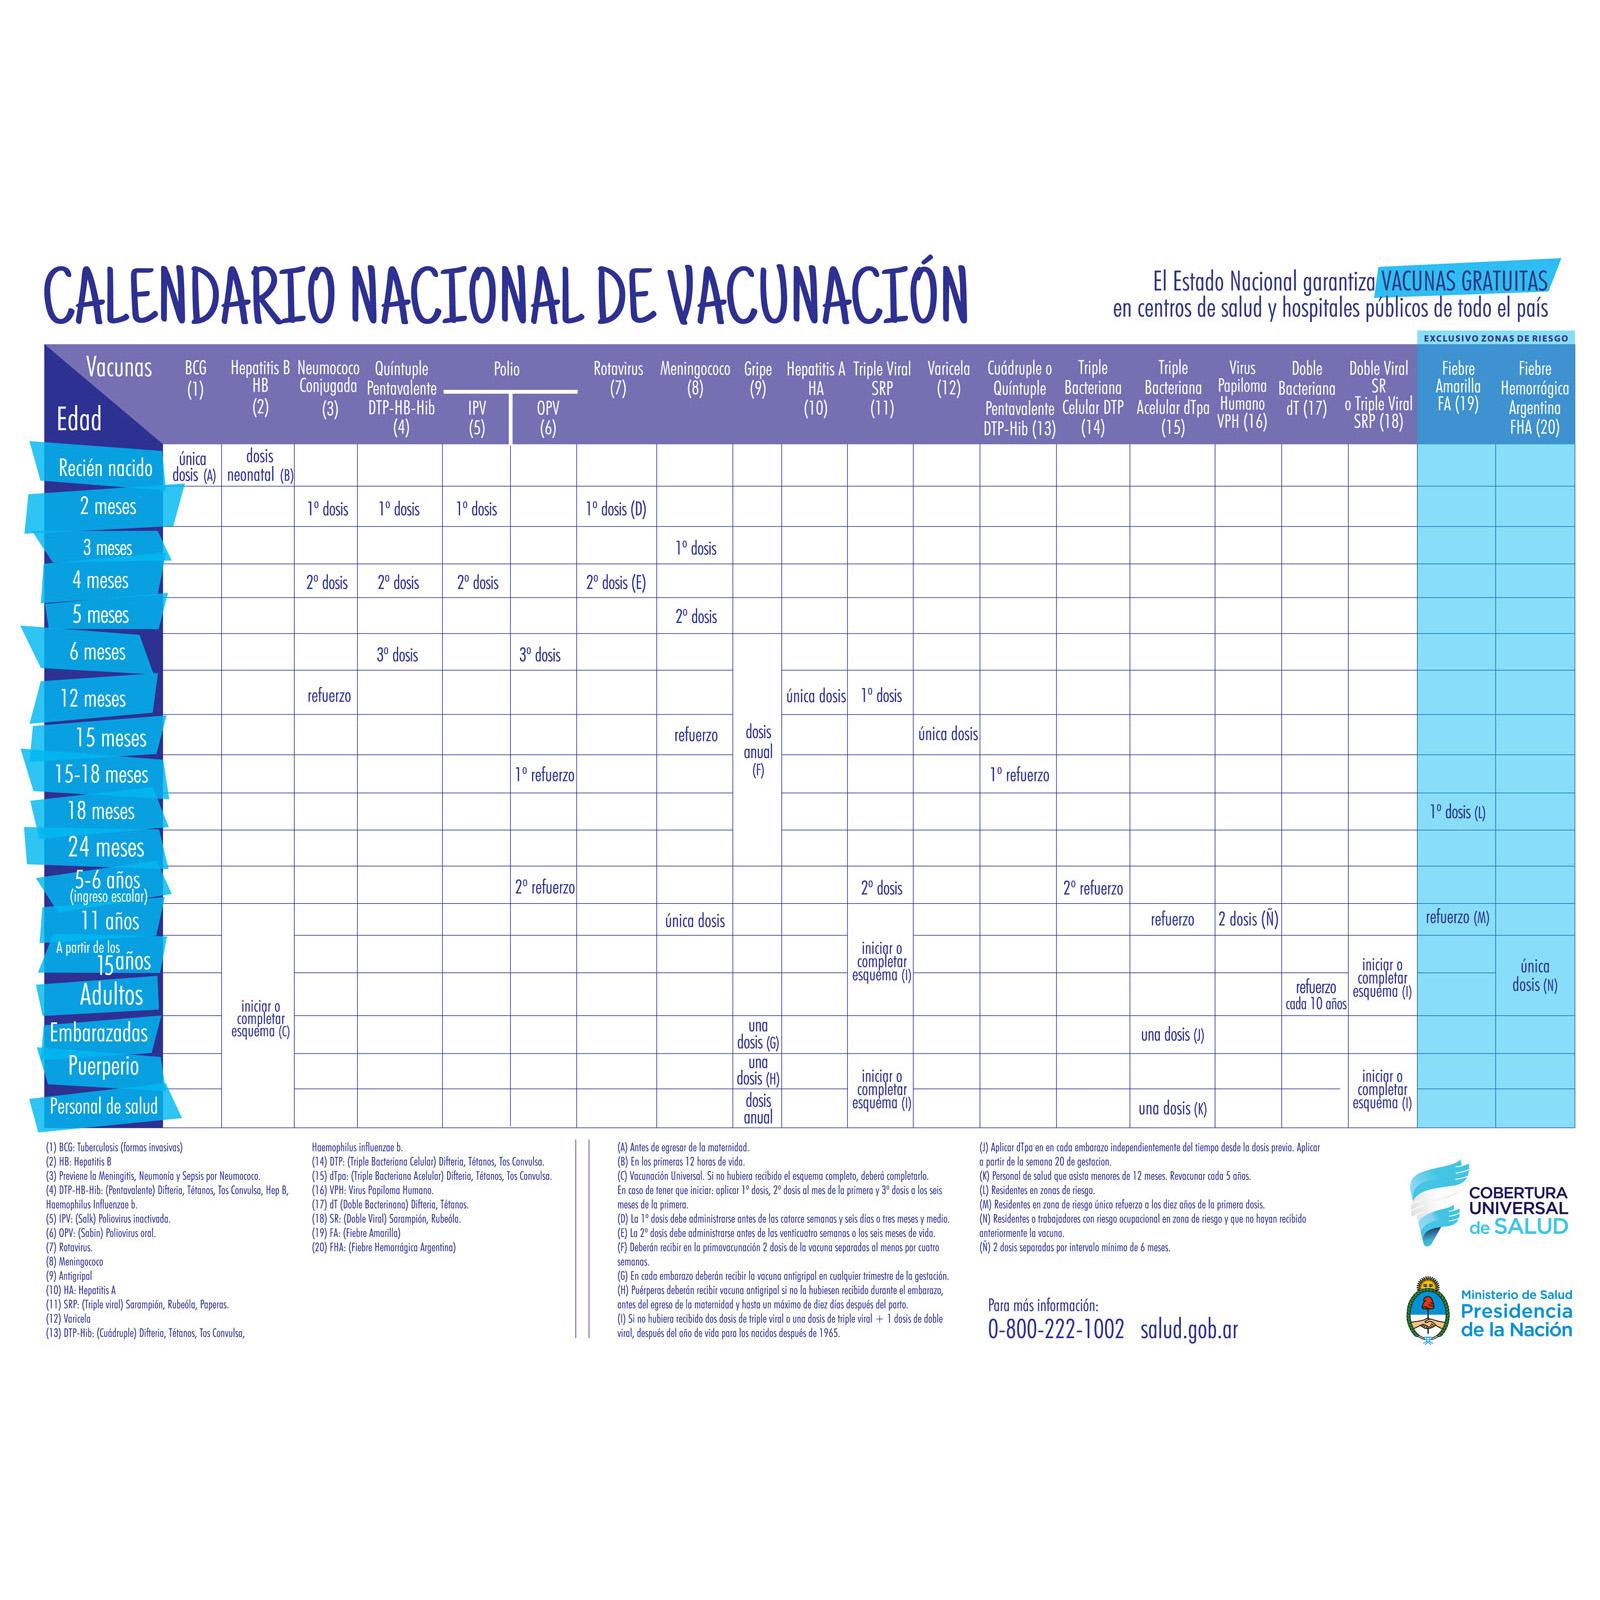 Calendario Nacional de Vacunación de la República Argentina 20